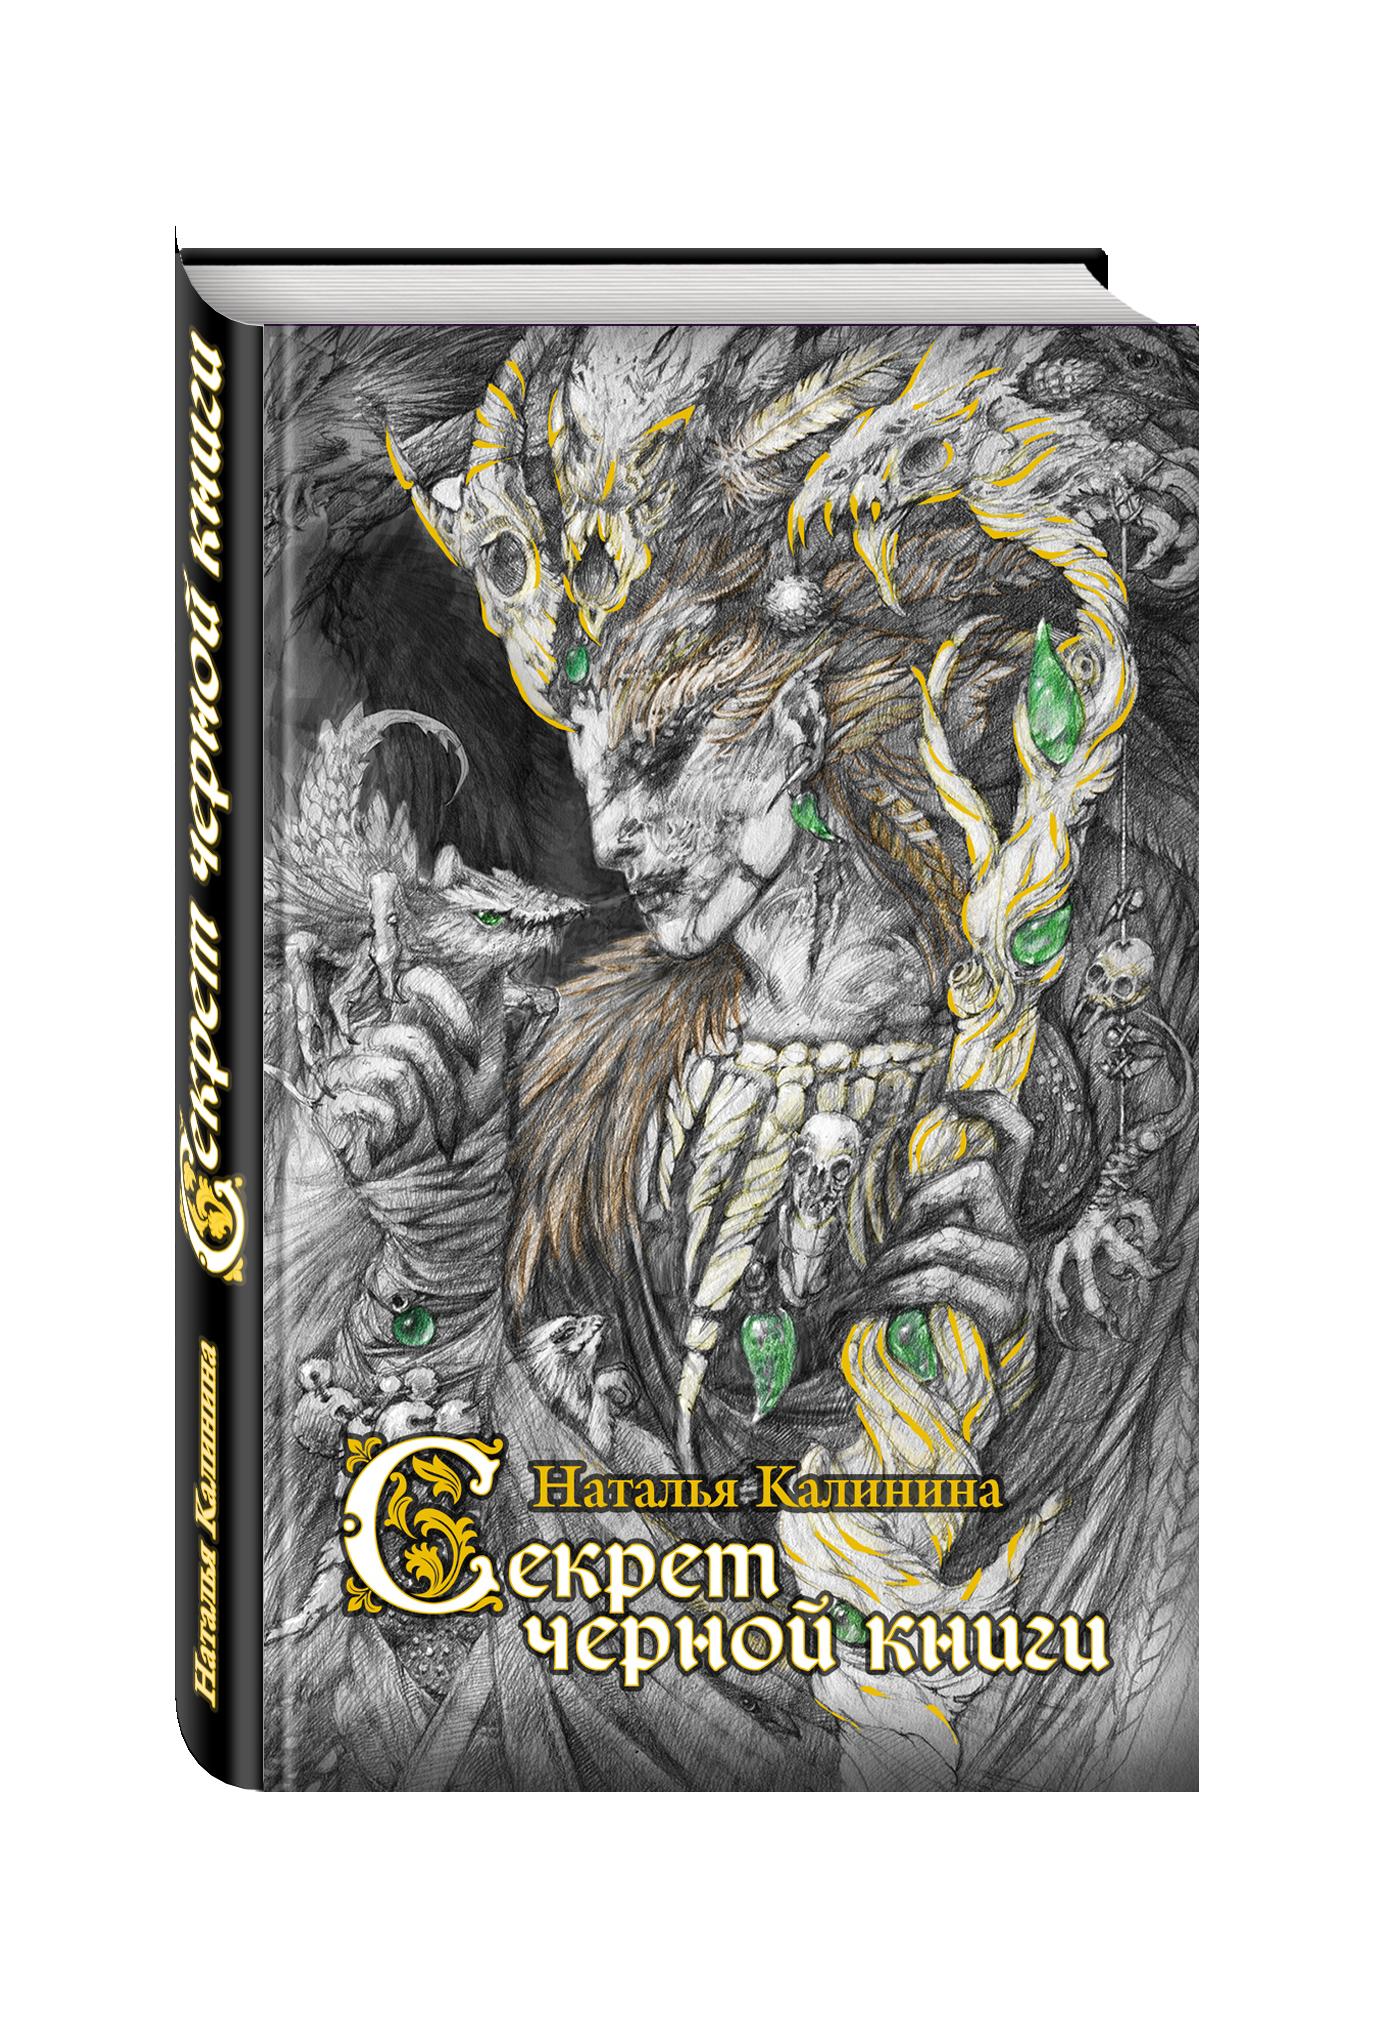 Калинина Н.Д. Секрет черной книги